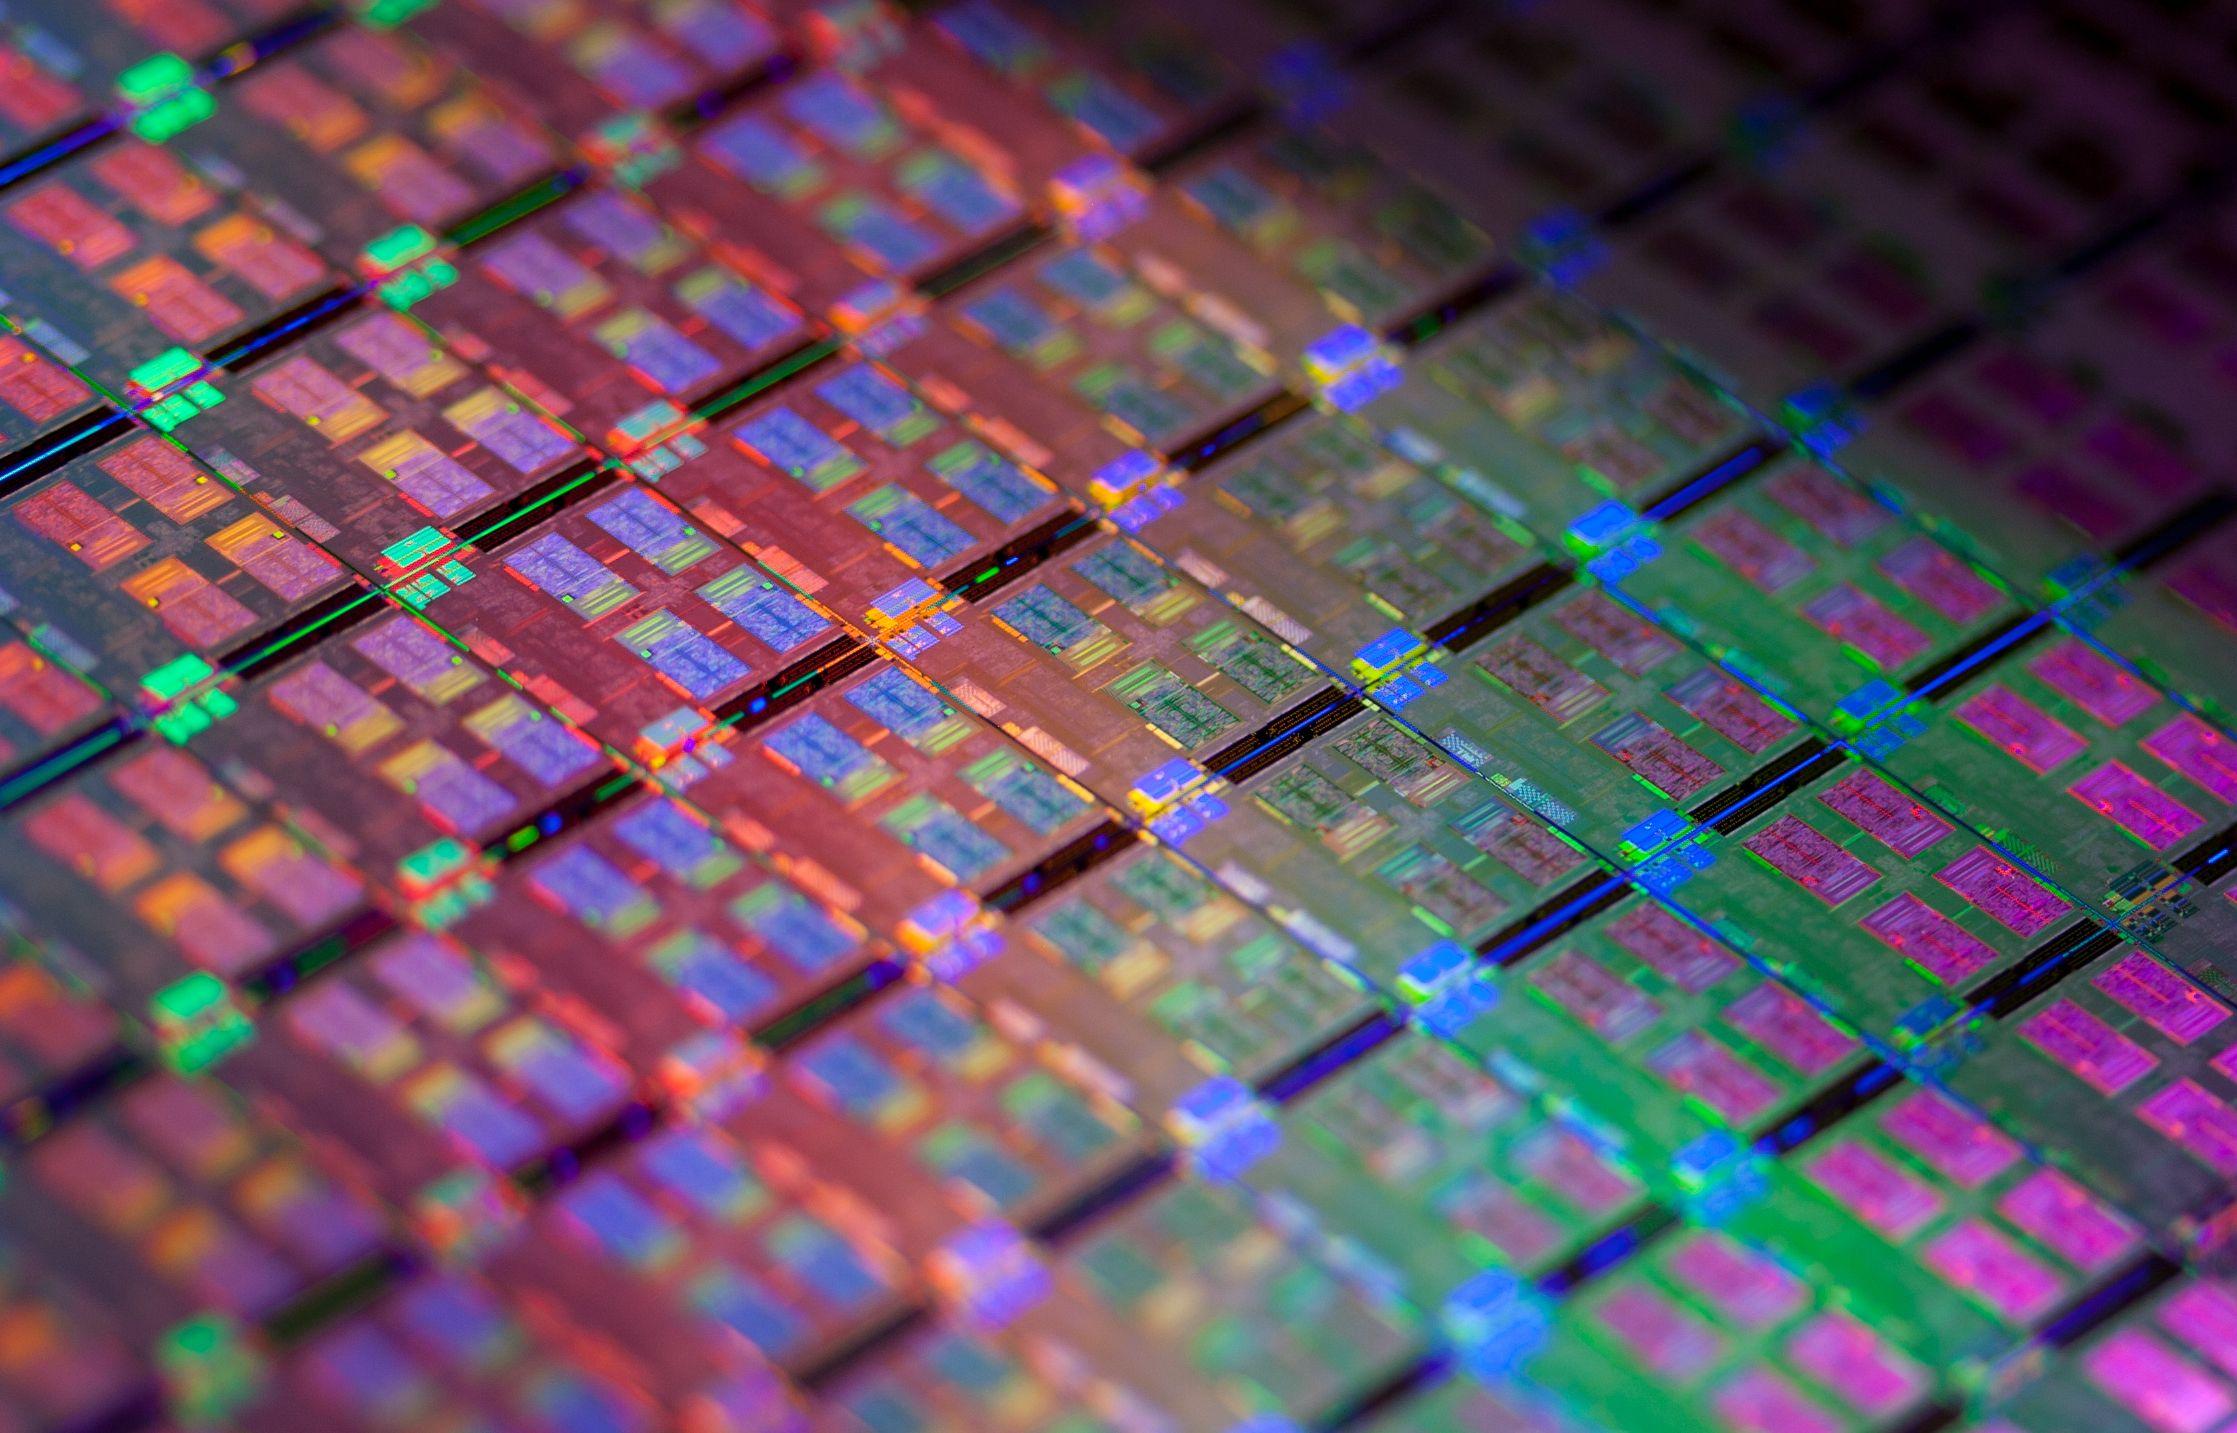 Cannonlake de Intel el próximo año en proceso de 10nm